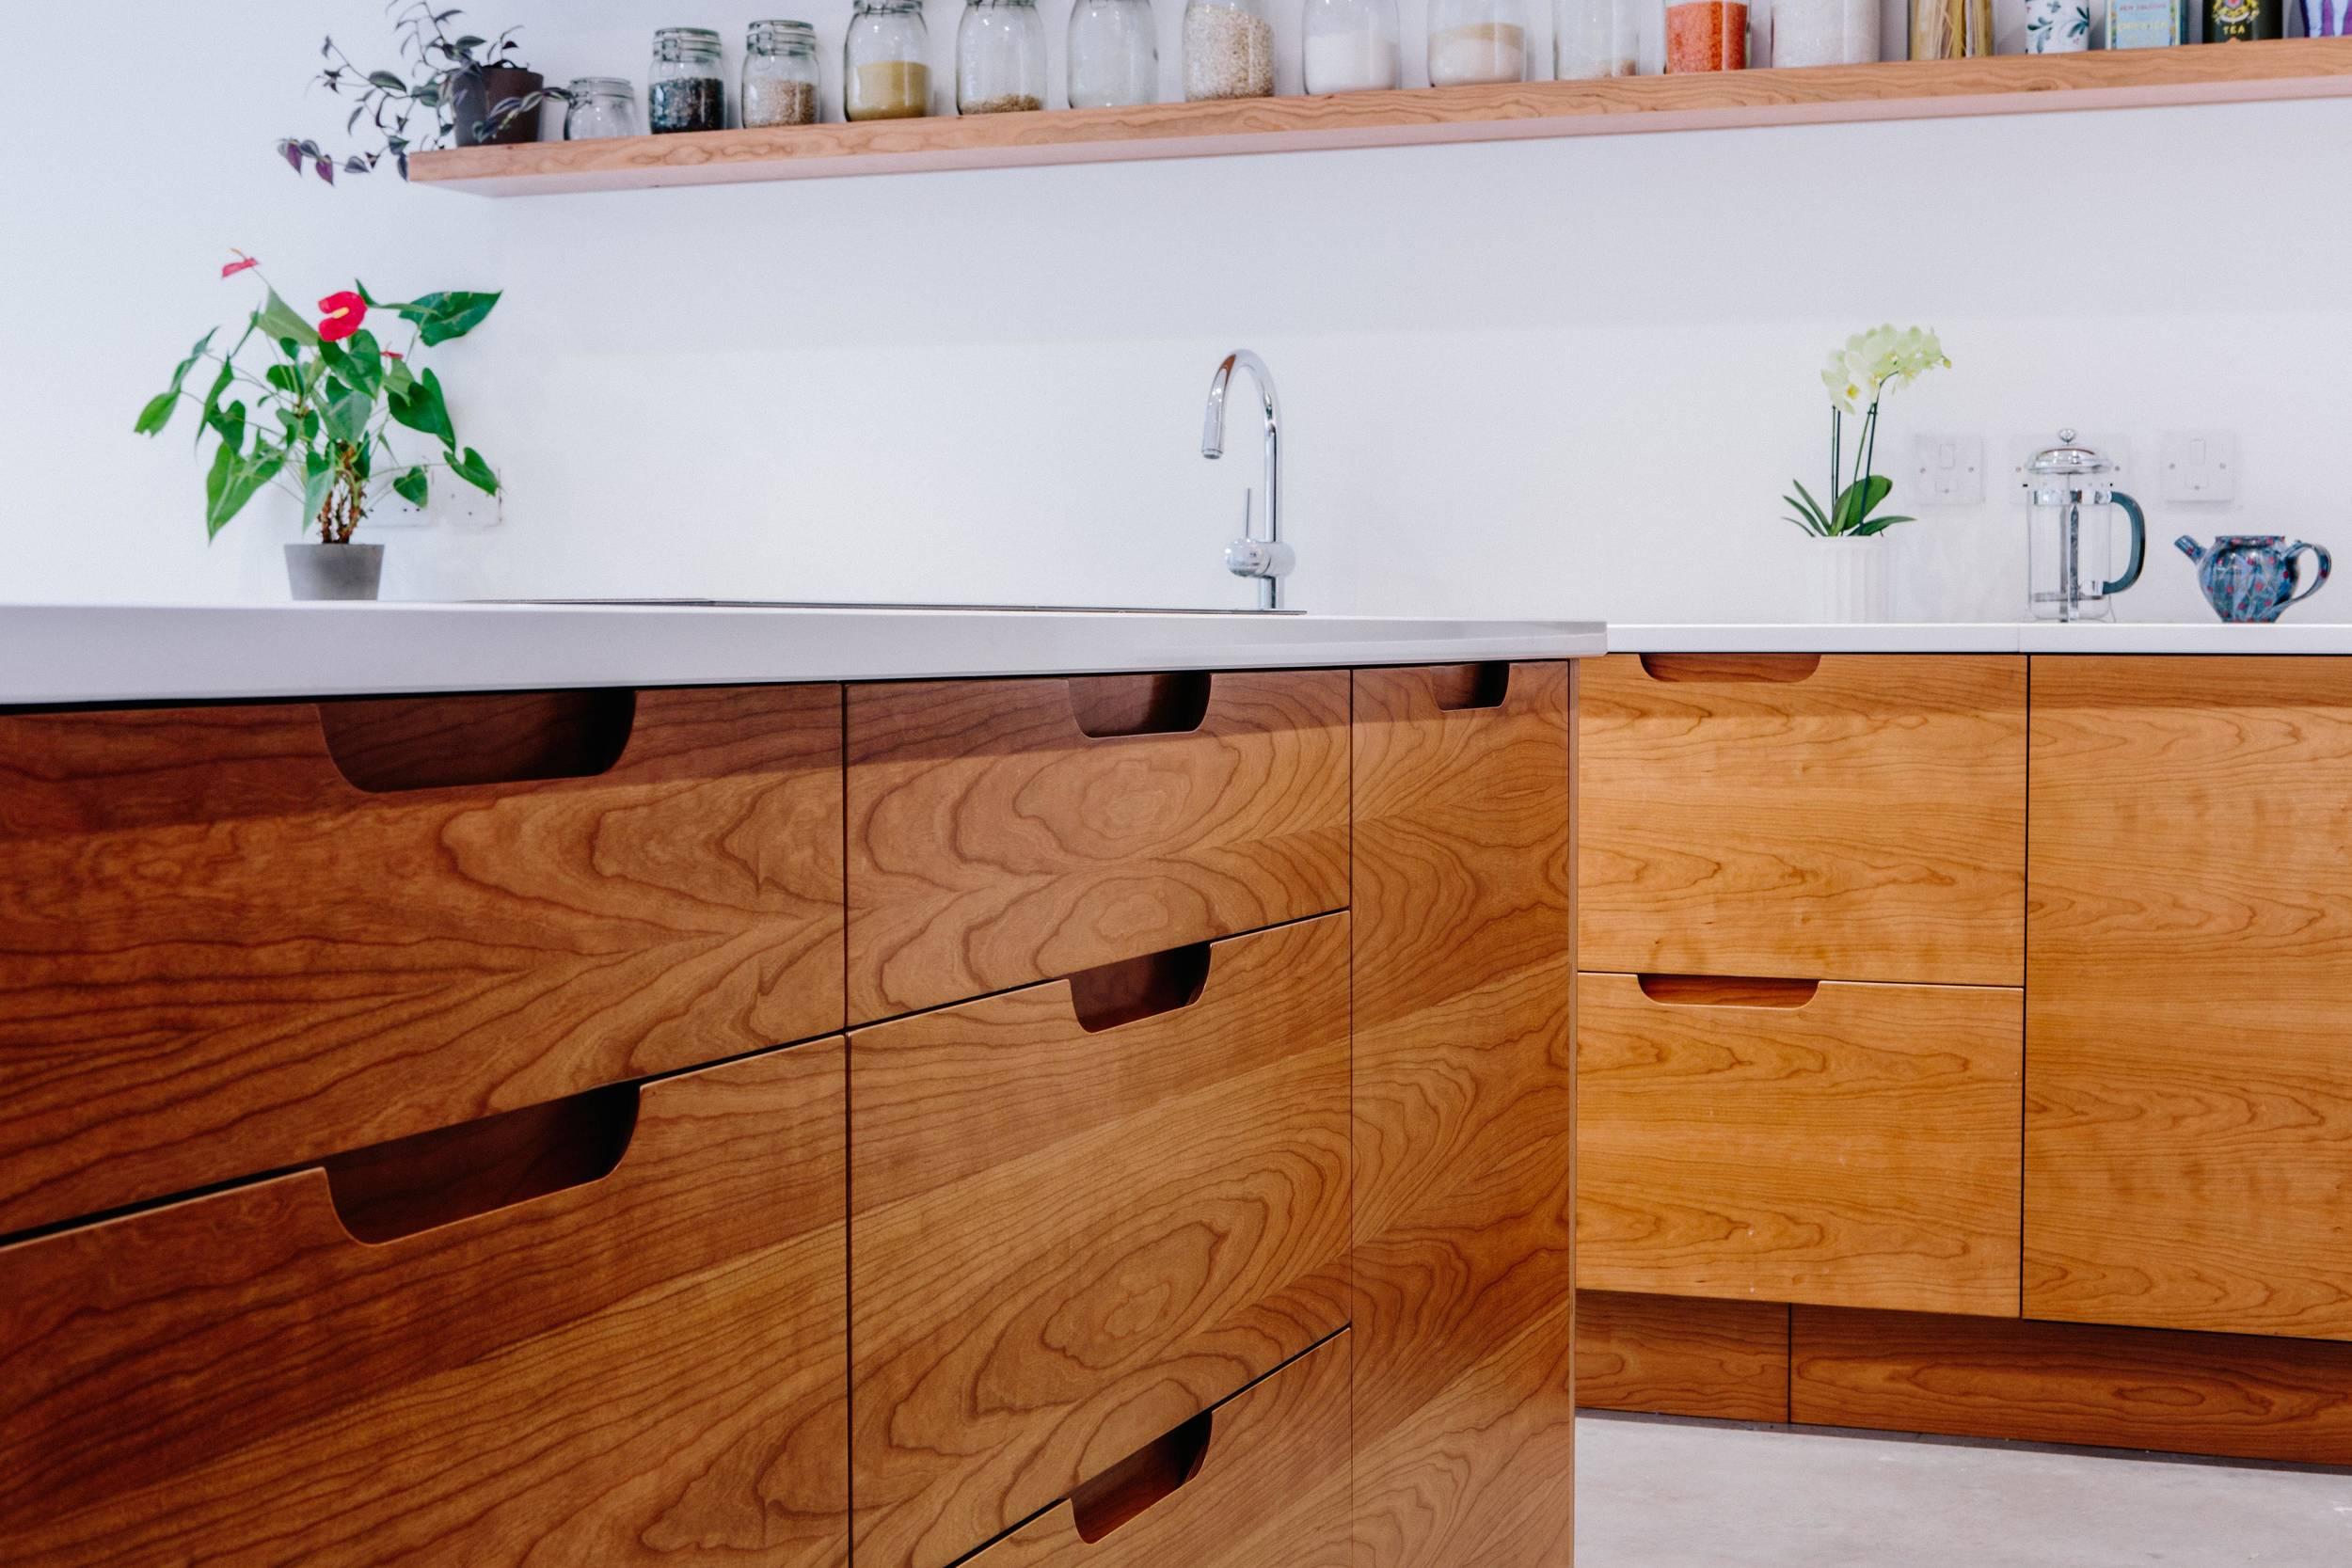 Kitchen Design Brixton Cherry - West & Reid